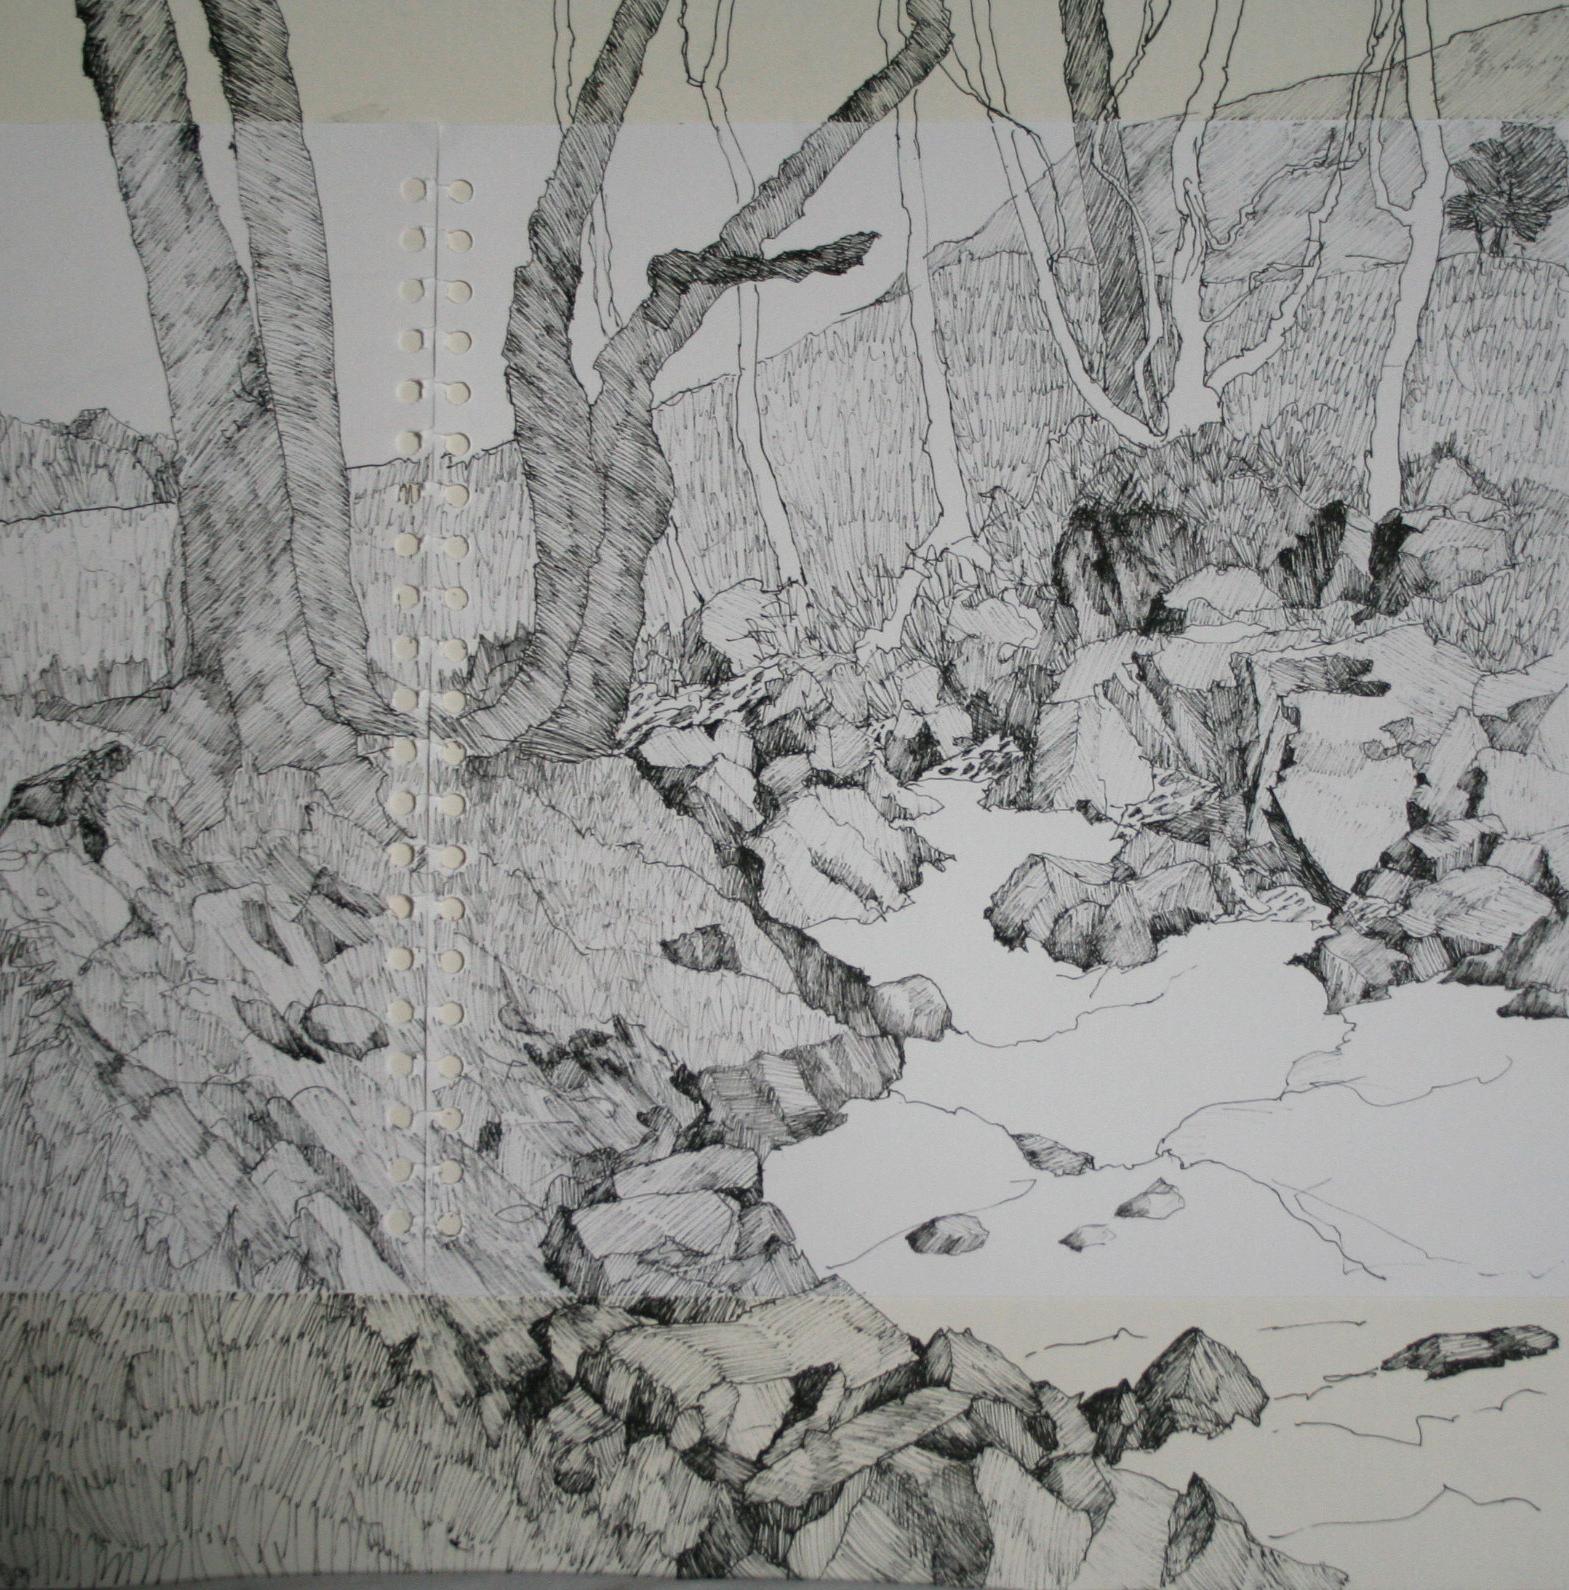 Cumbrian Drawings